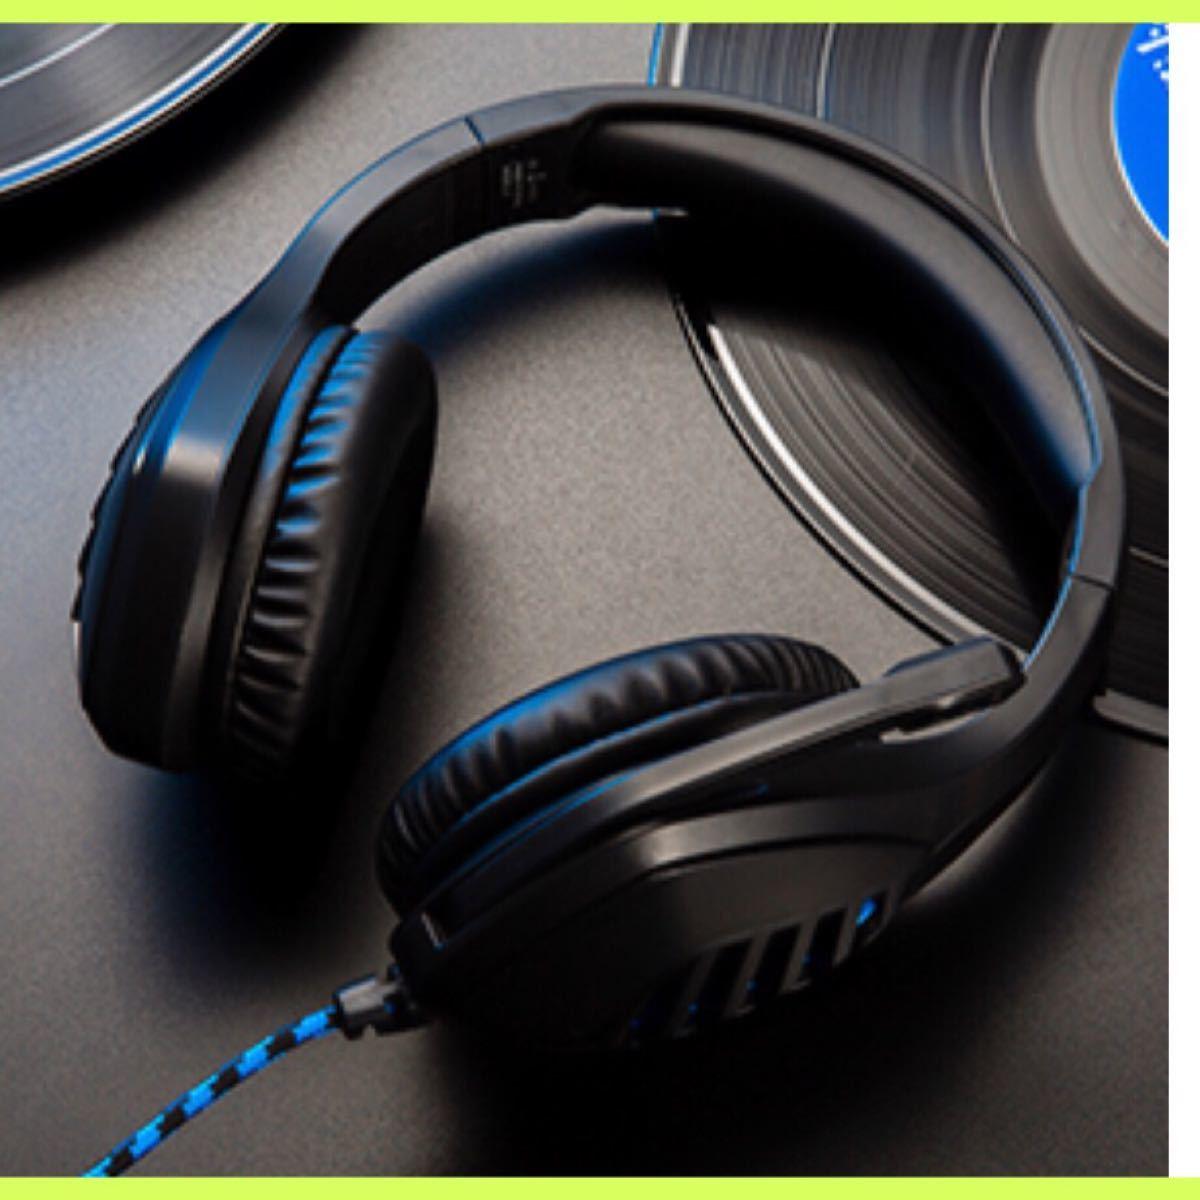 ヘッドセット PC、ゲーミングヘッドセット PS4、有線 高音質 マイク付き